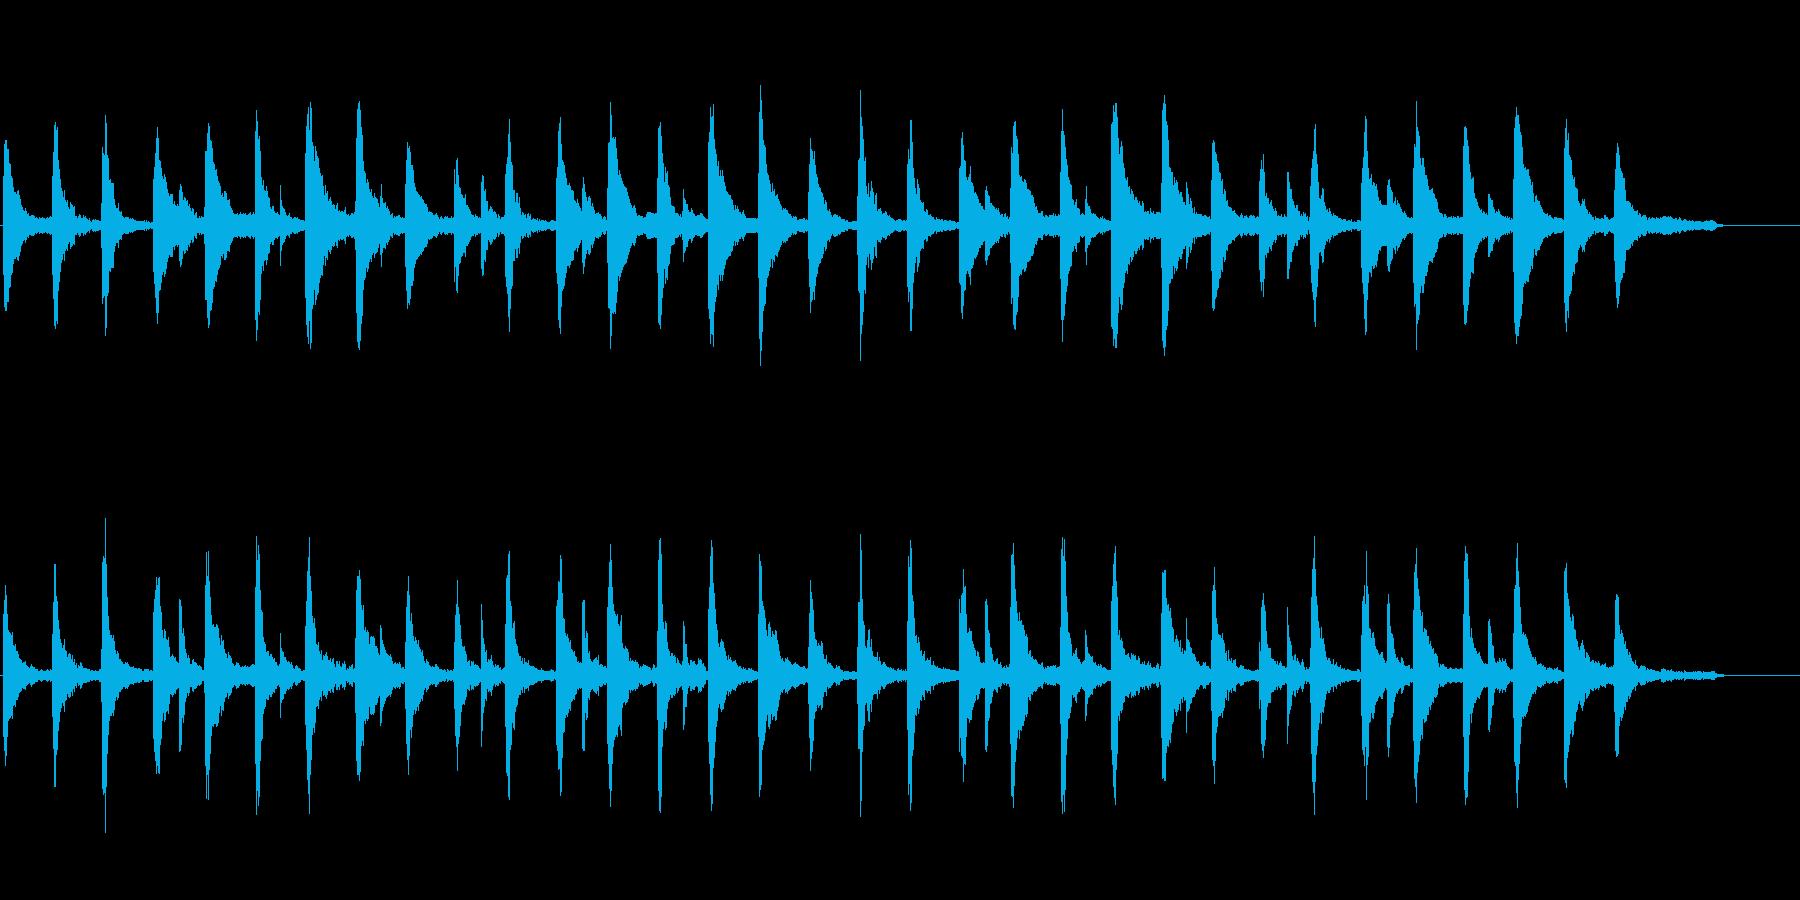 幻想的でメロディレスなピアノソロの再生済みの波形